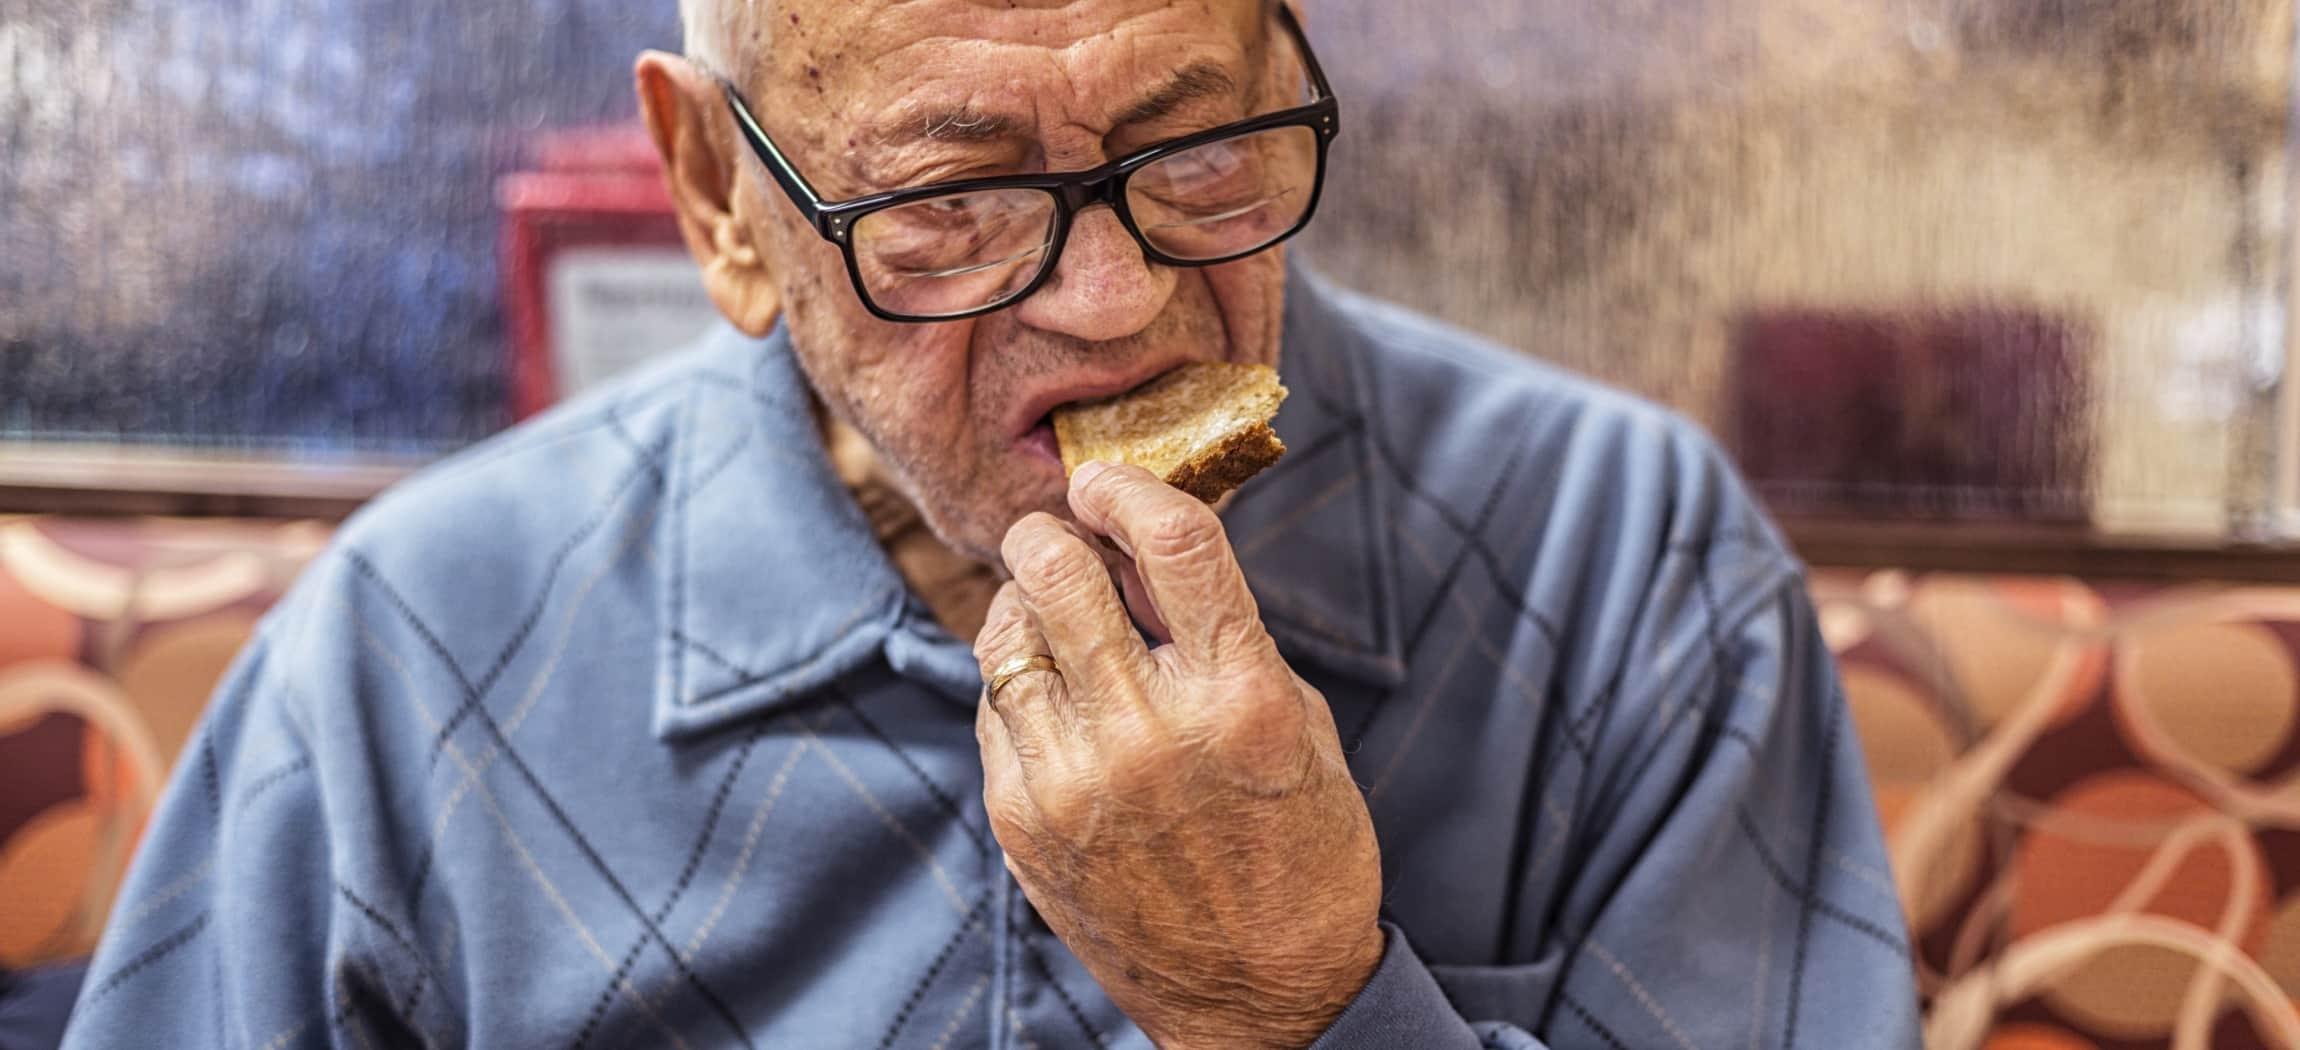 oude man met bril zit op bank en eet een geroosterde boterham met de hand